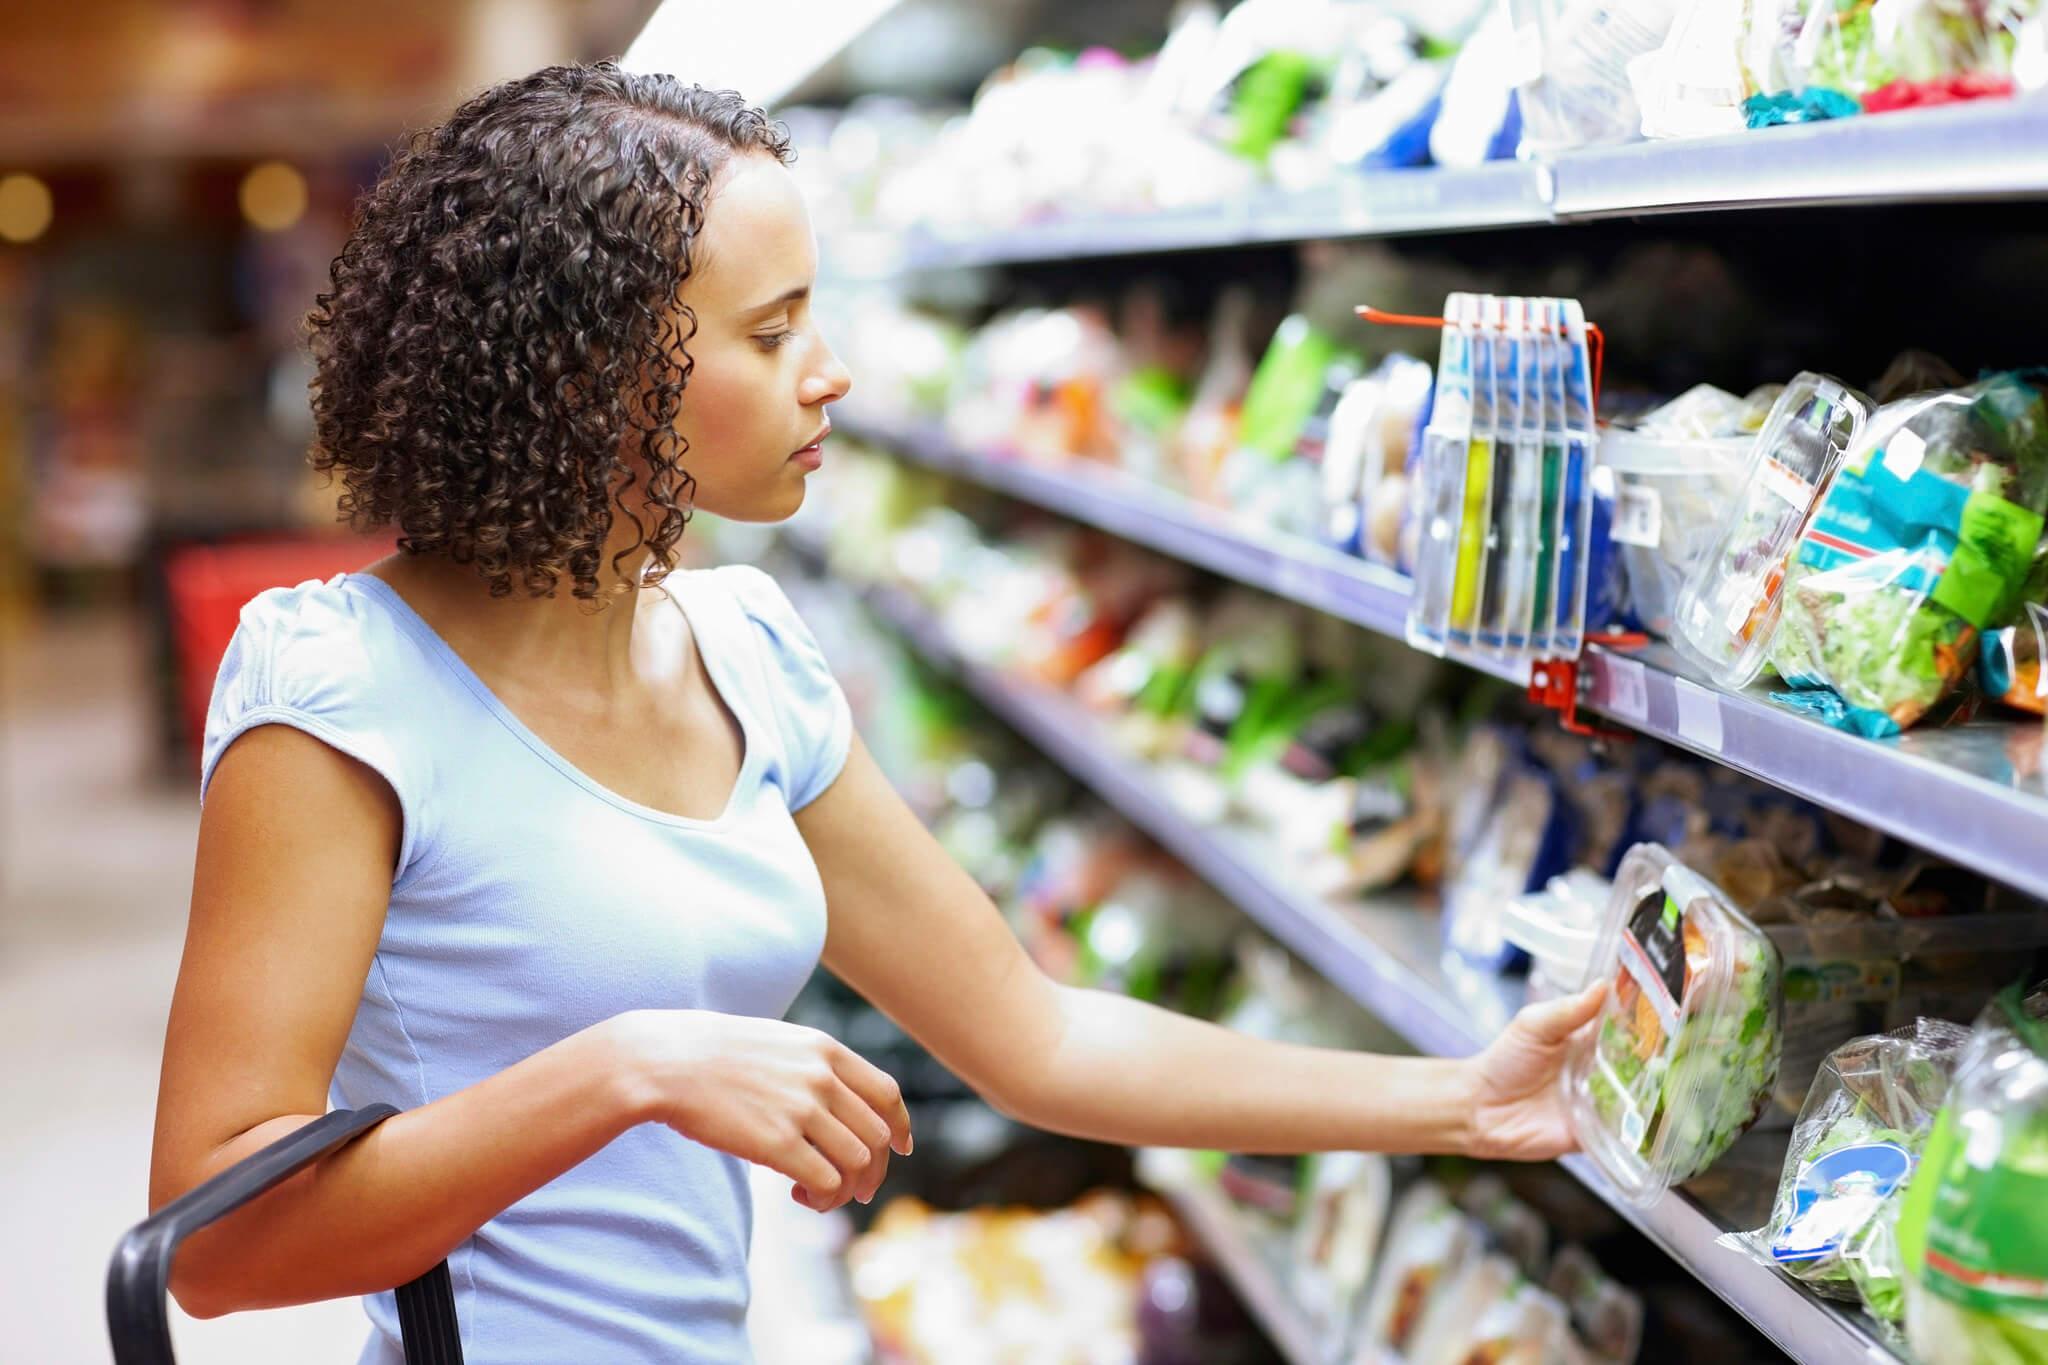 картинки потребительского рынка этой